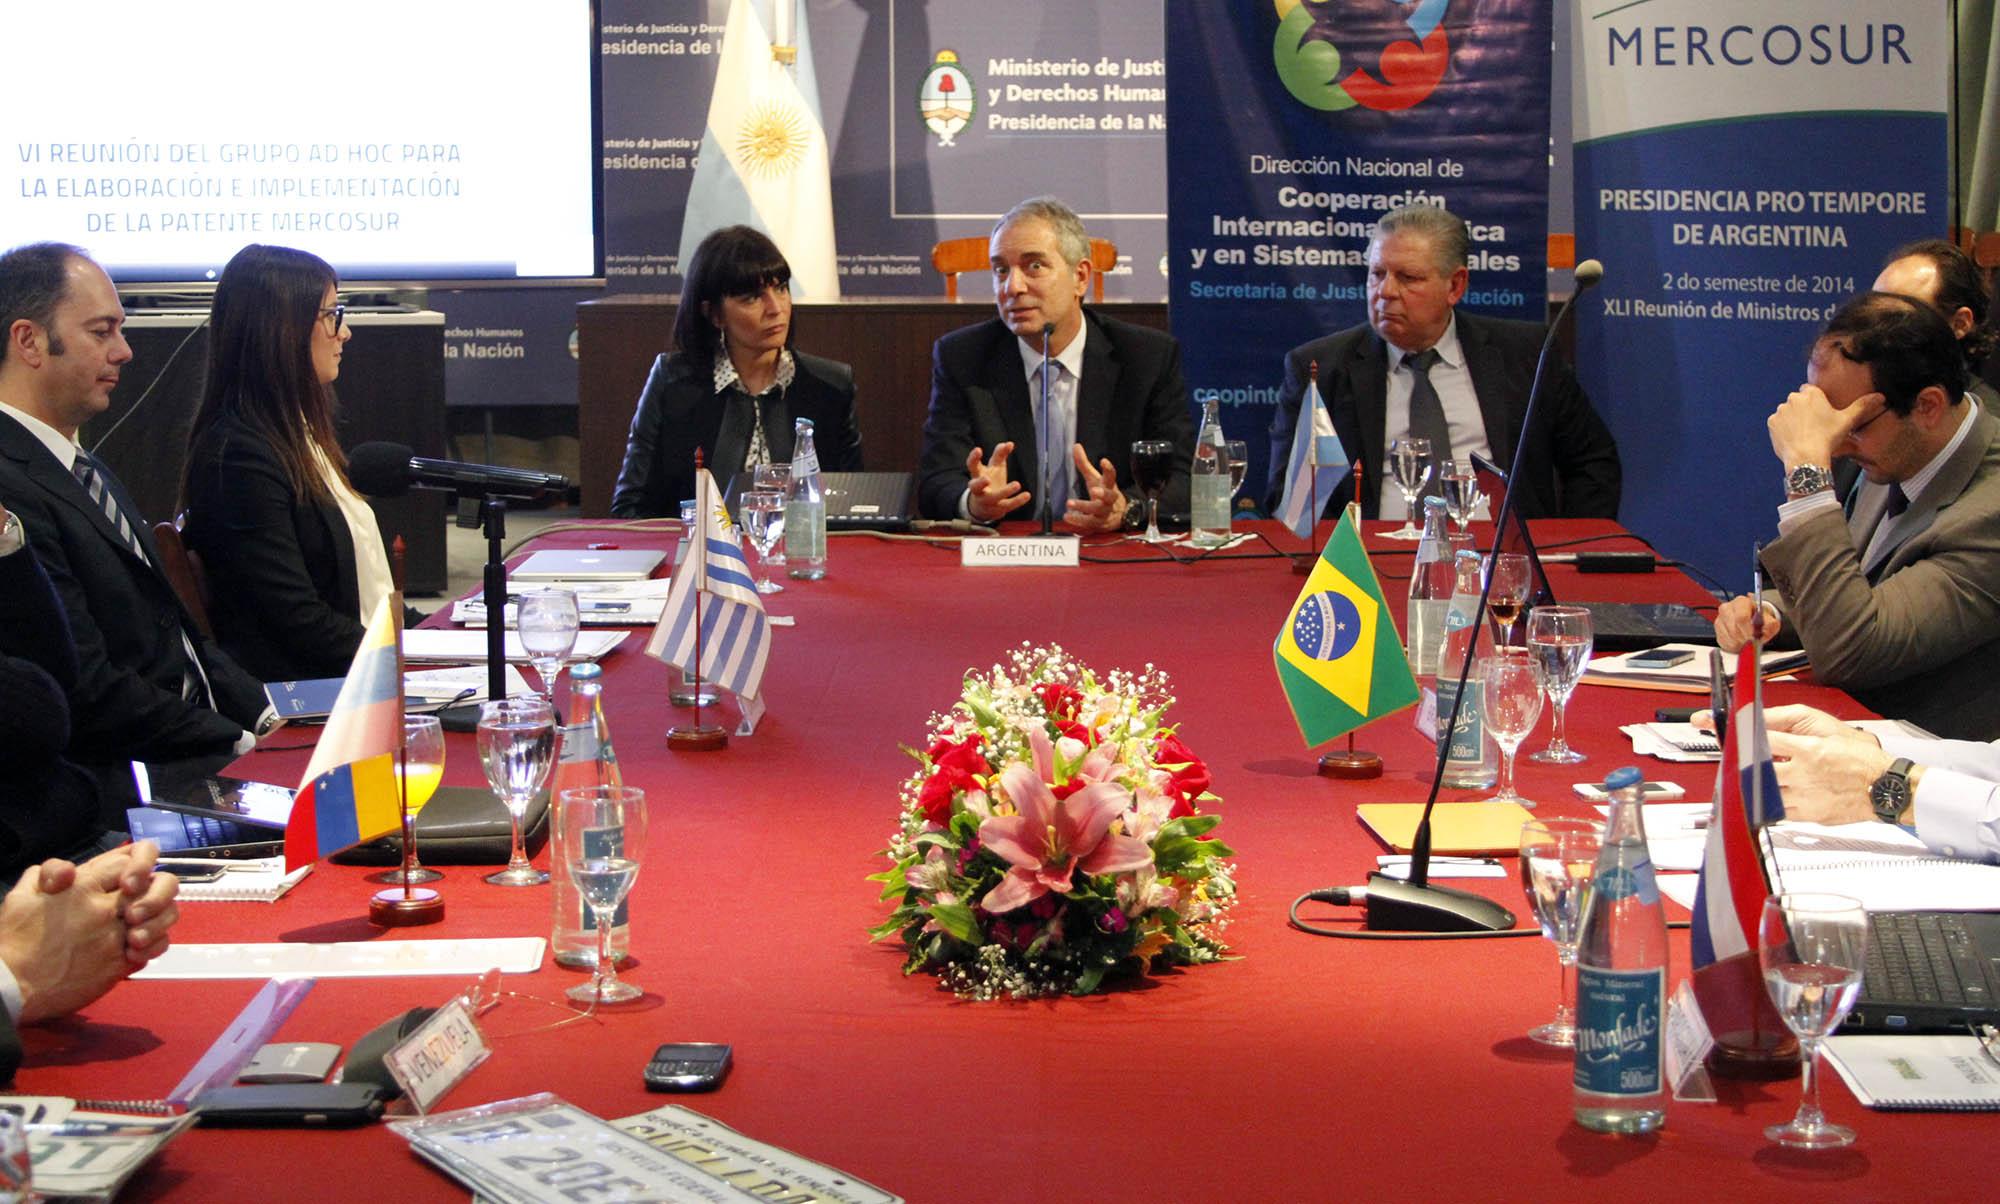 Importantes avances para la implementación de la patente única del Mercosur